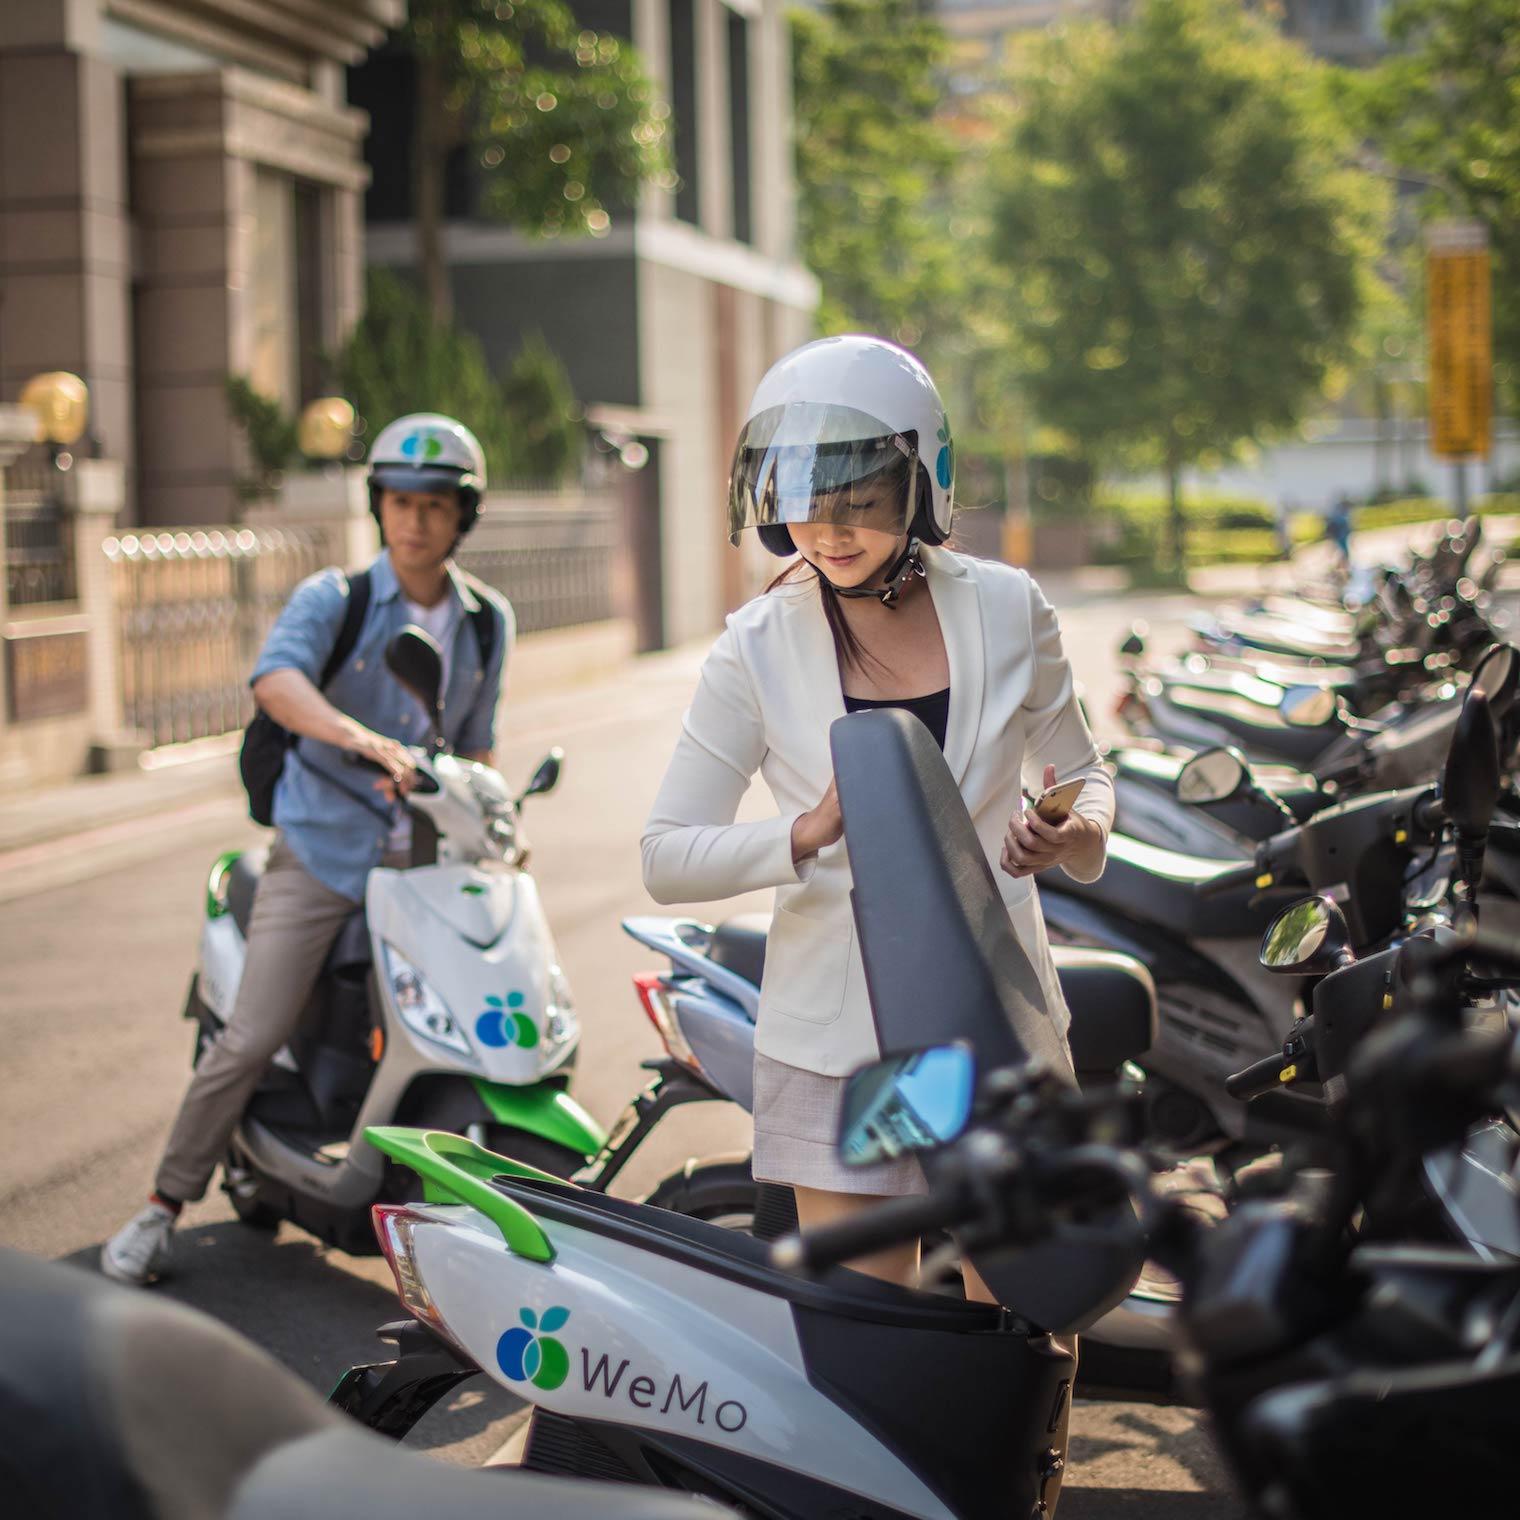 最便利的電動機車即時租借服務  WeMo Scooter 威摩科技